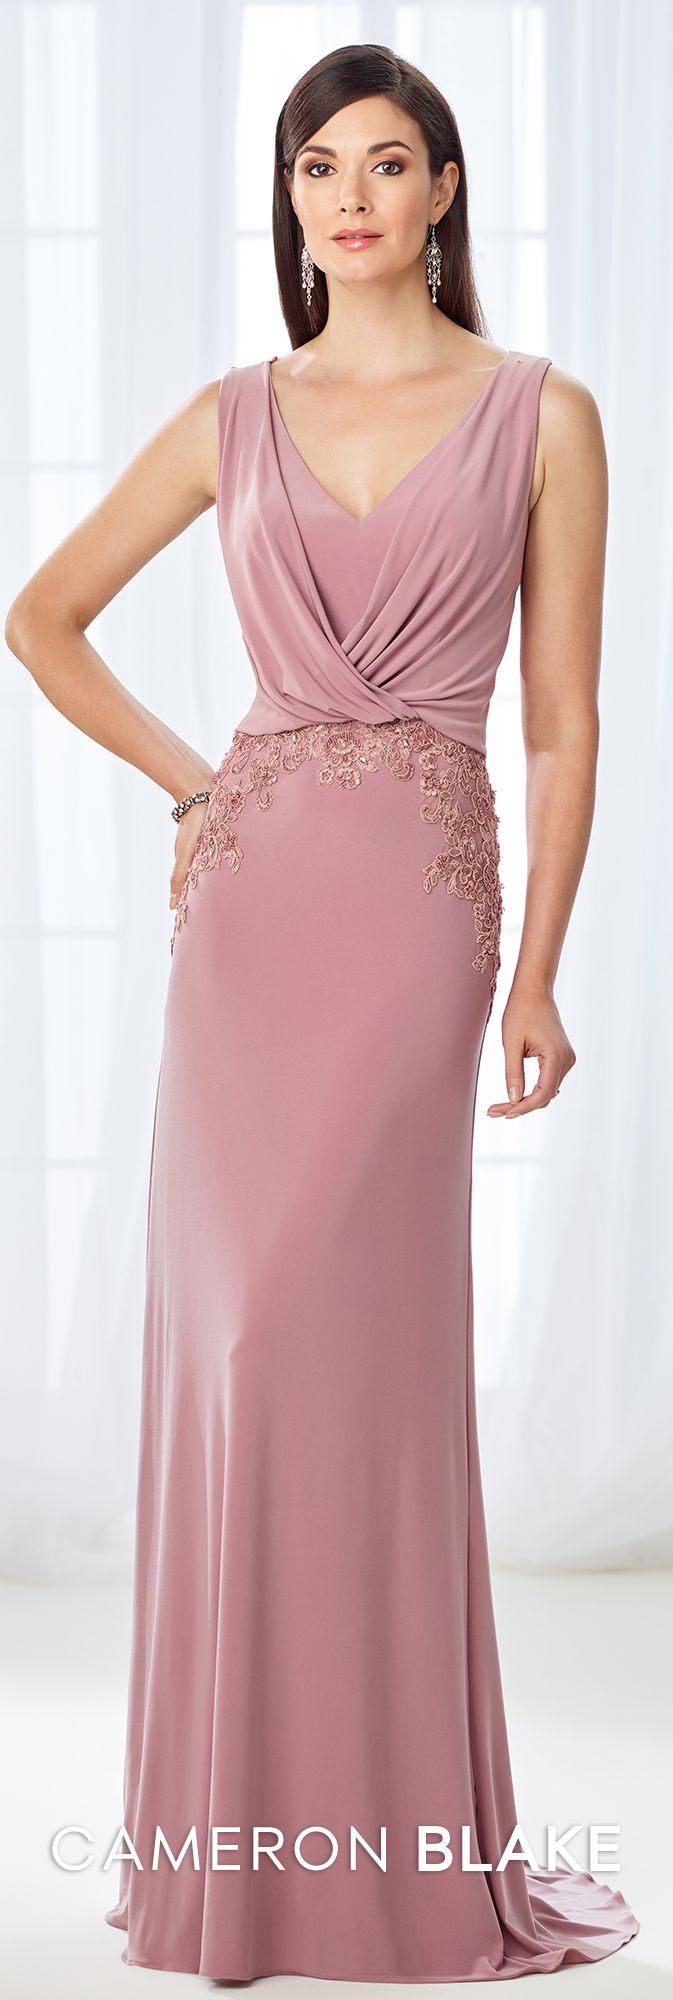 Increíble Empresas Vestido De Dama Fotos - Colección de Vestidos de ...